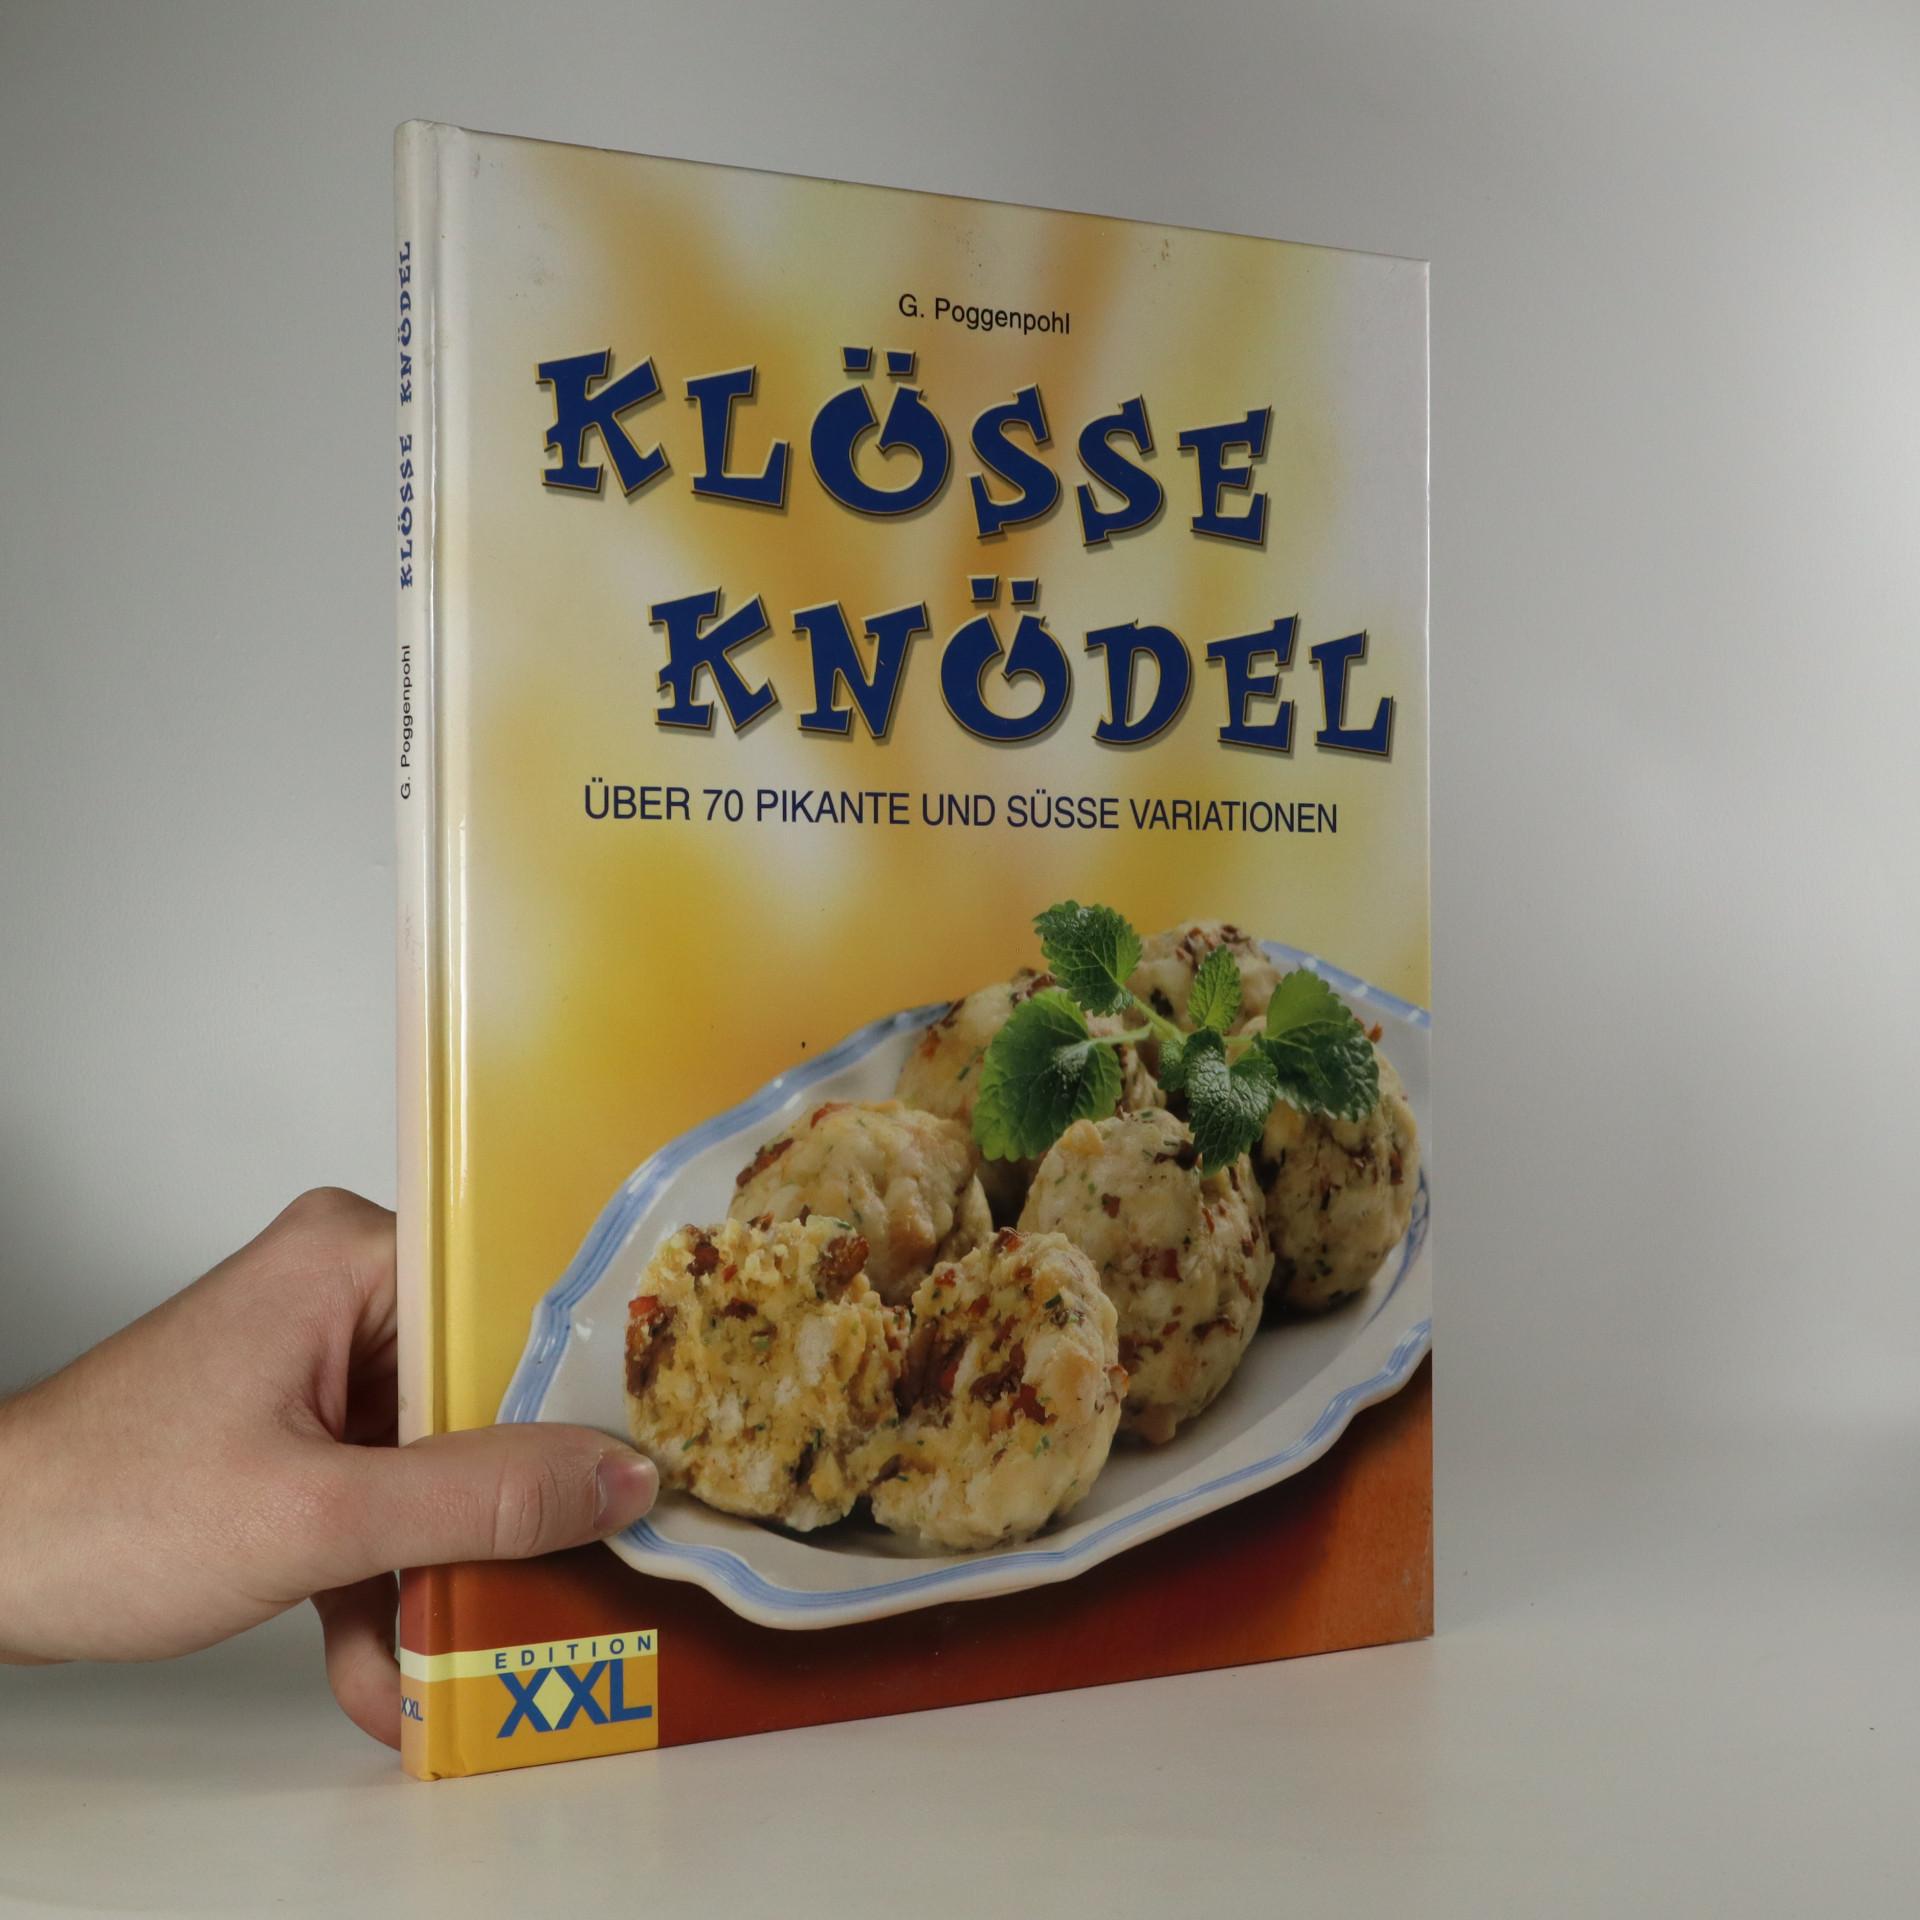 antikvární kniha Klösse Knödel, 2004